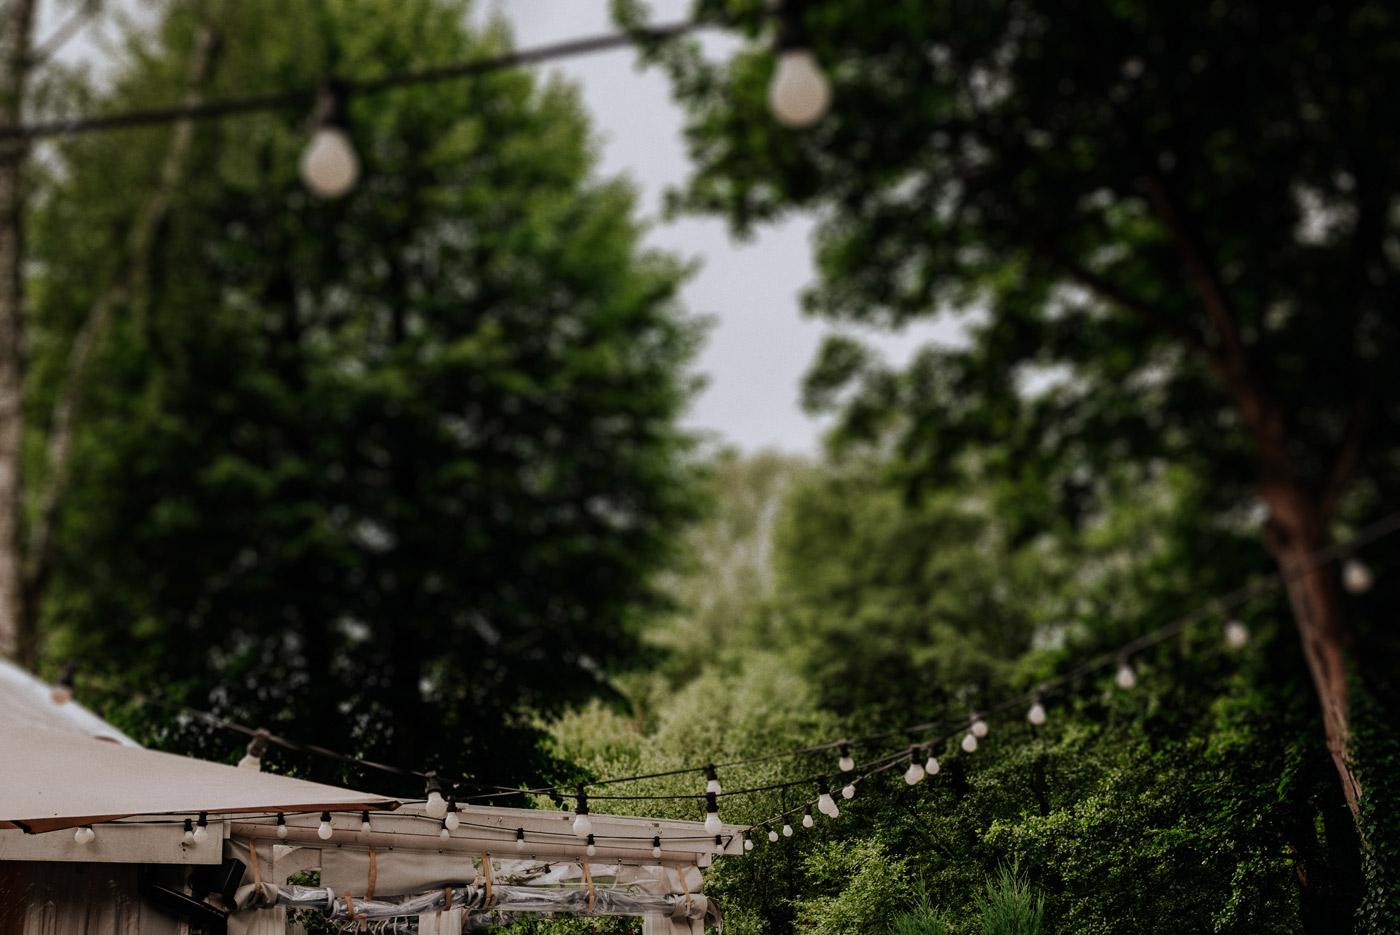 Wesele przy plaży | Restauracja nad Potokiem 1 076 alebosco wesele przy plazy gdansk restauracja nad potokiem